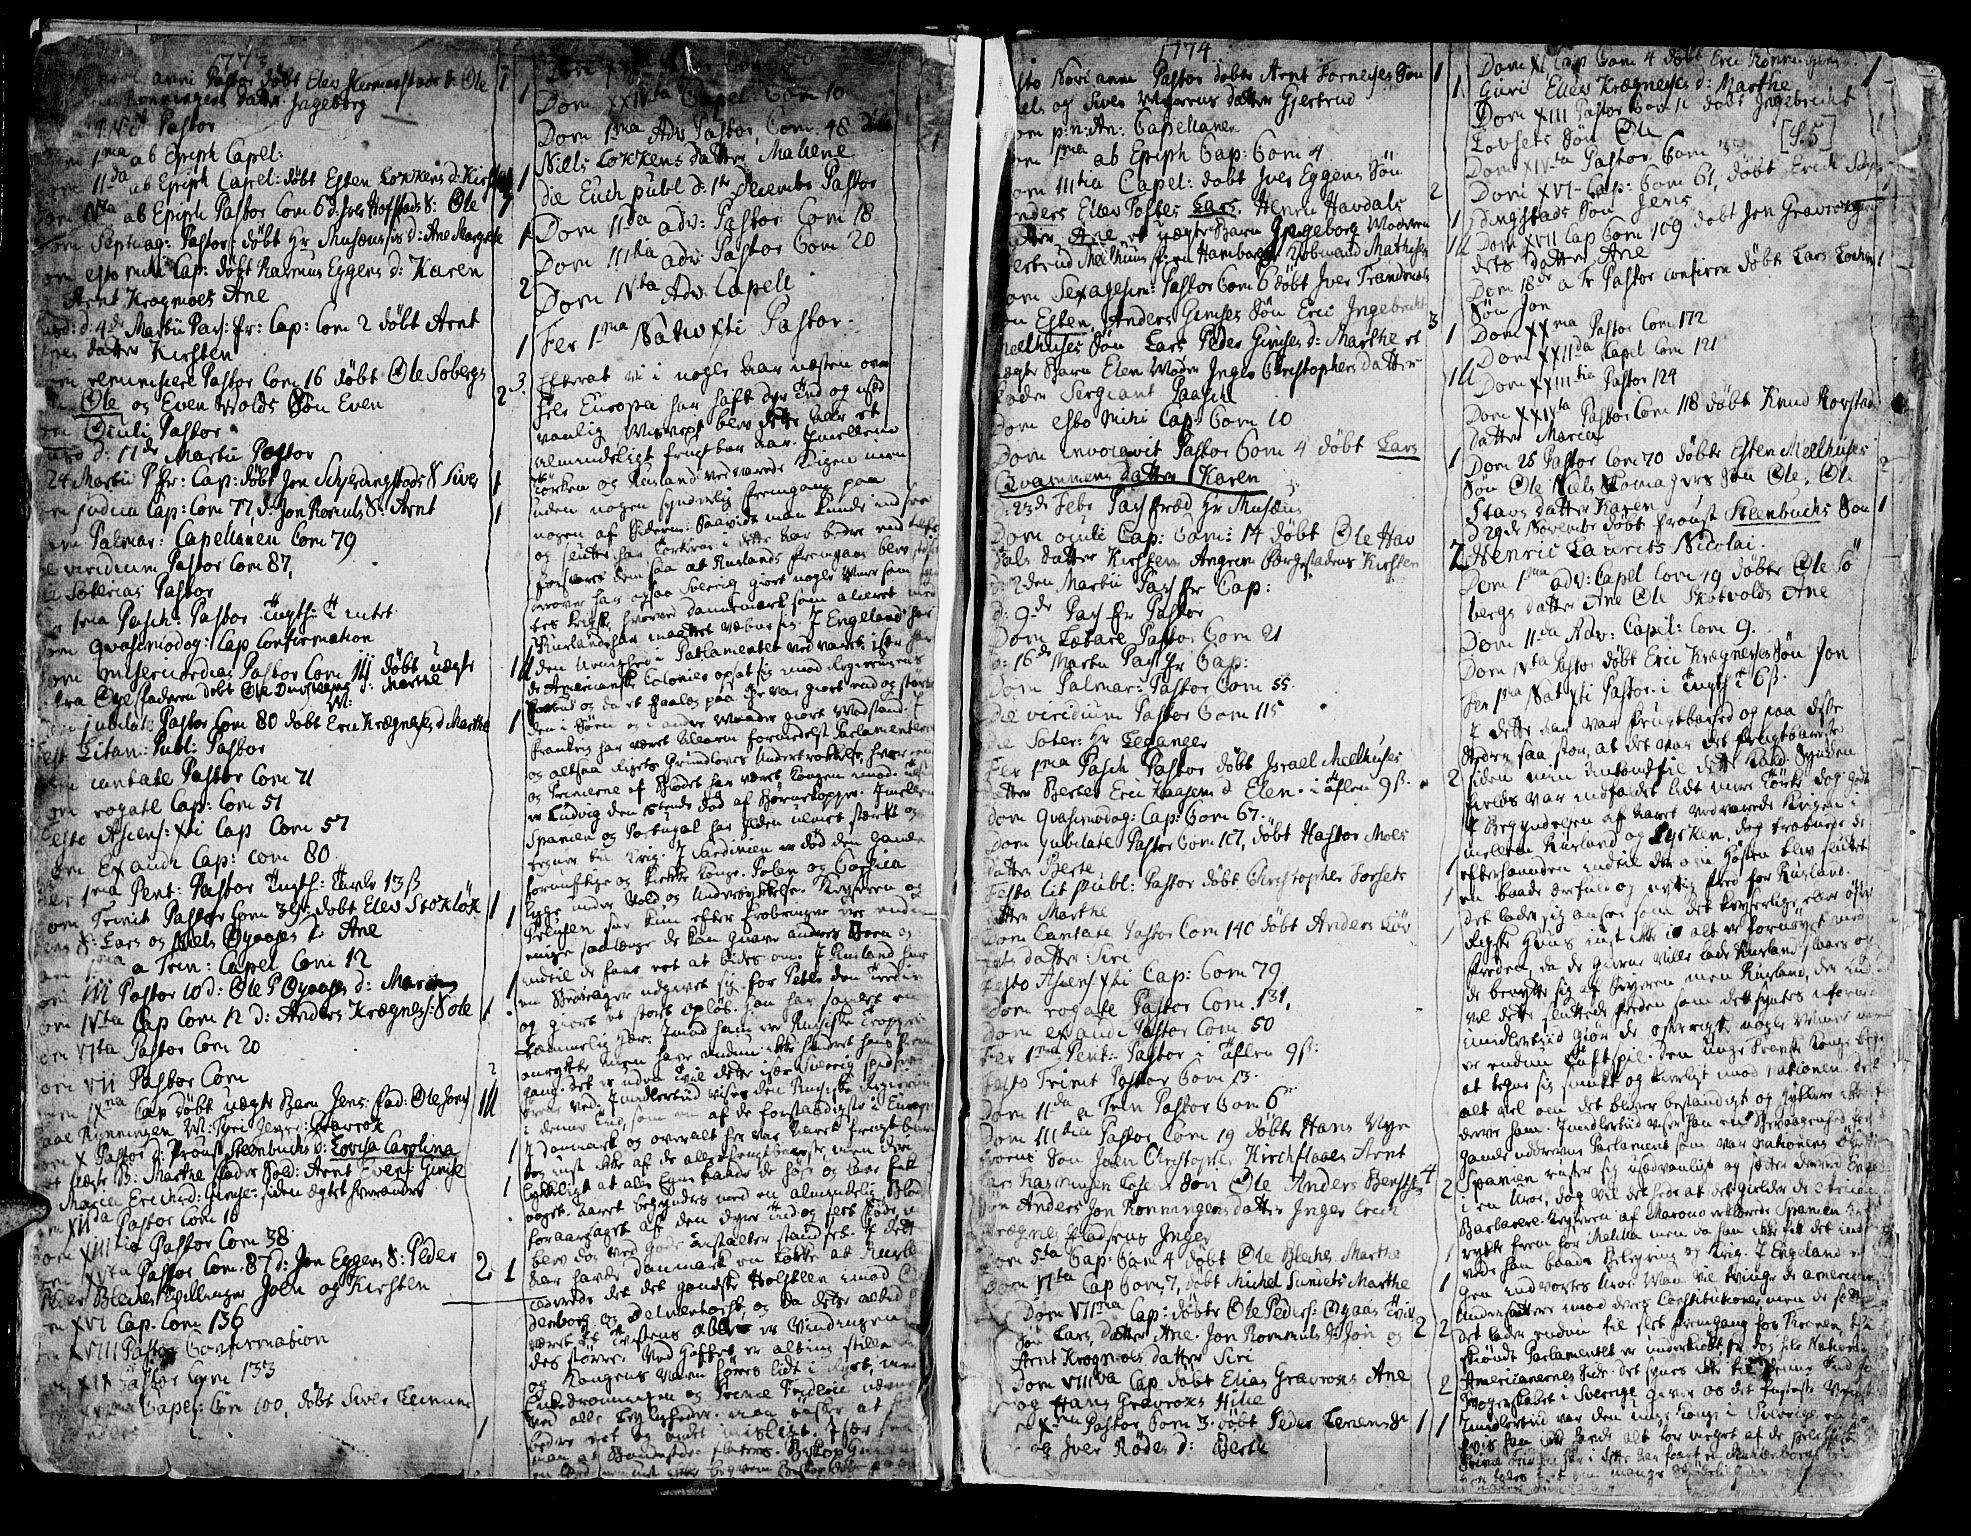 SAT, Ministerialprotokoller, klokkerbøker og fødselsregistre - Sør-Trøndelag, 691/L1061: Ministerialbok nr. 691A02 /1, 1768-1815, s. 5